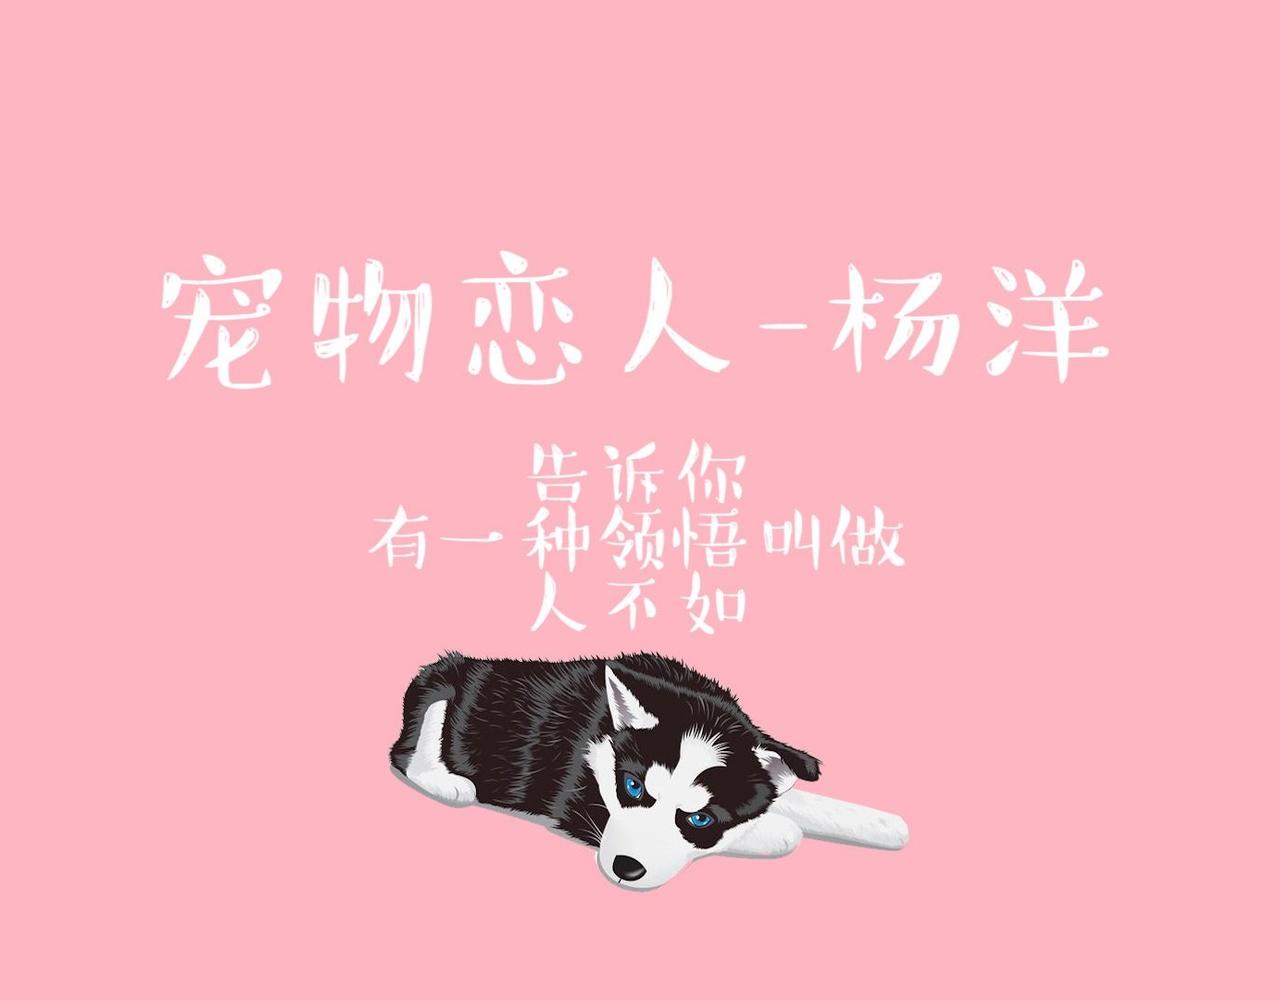 【杨洋】万象皆他-宠物恋人(混合风味的舔屏向?)